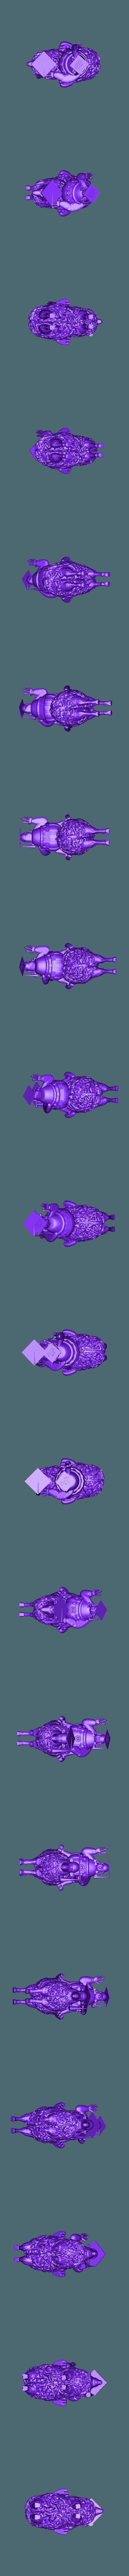 obelix-manna-sheep-fix.stl Télécharger fichier STL gratuit obelix à cheval sur le mouton mana - wu wien • Objet à imprimer en 3D, syzguru11